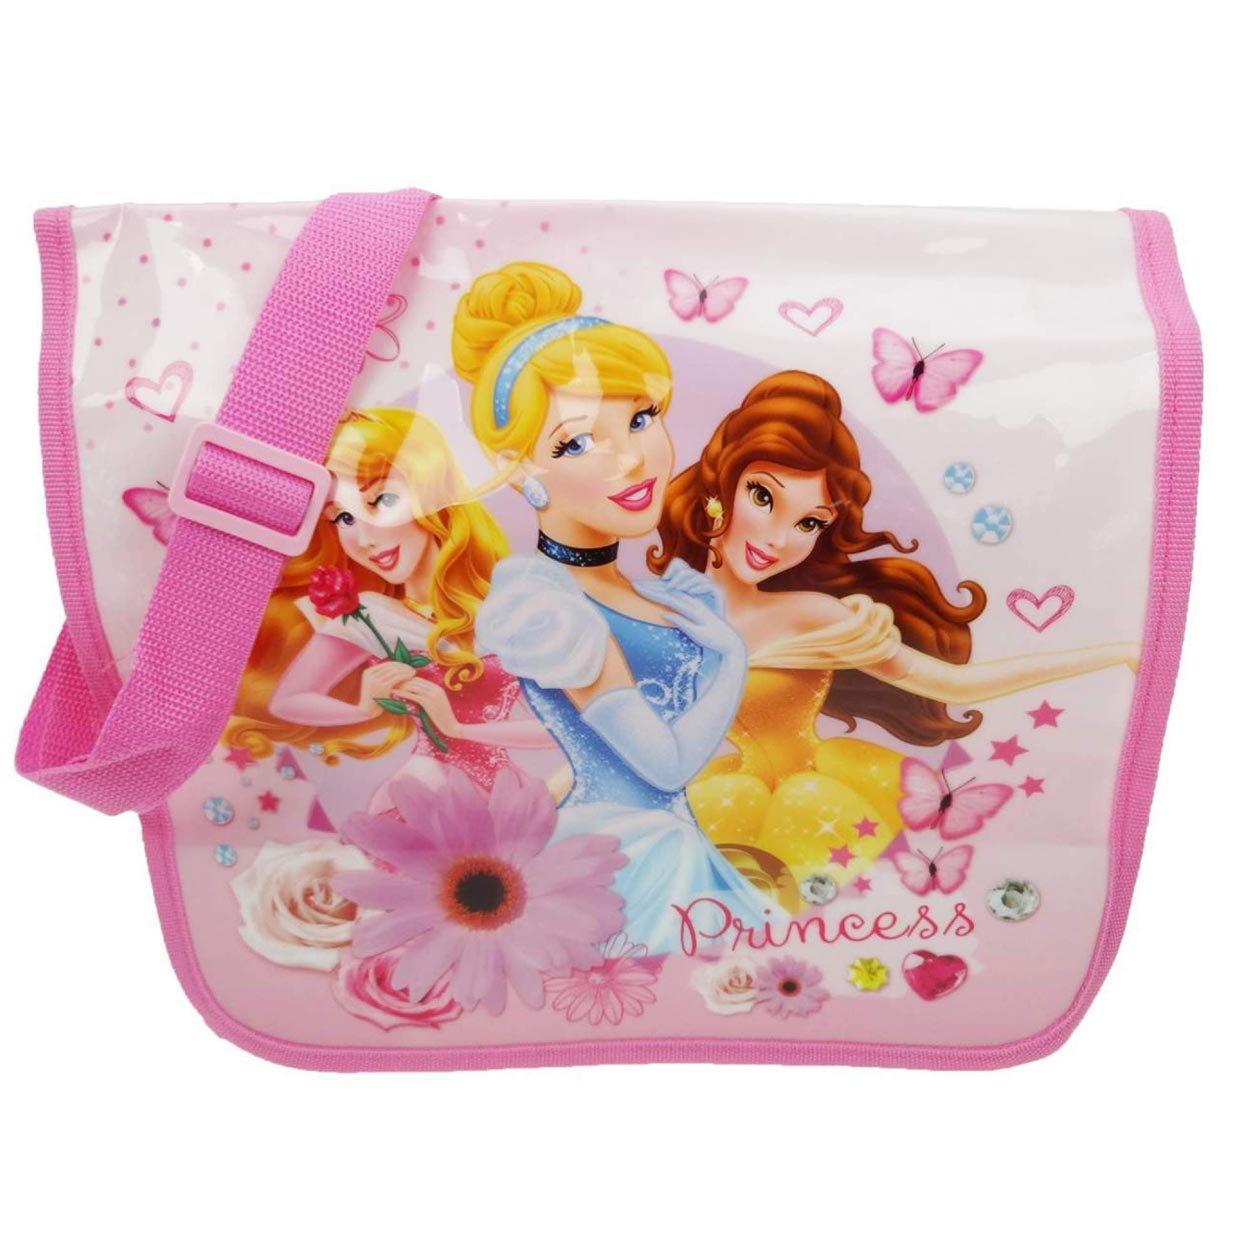 NEW Girls Satchel Disney Princesses Pink Shoulder Messenger Bag School Books